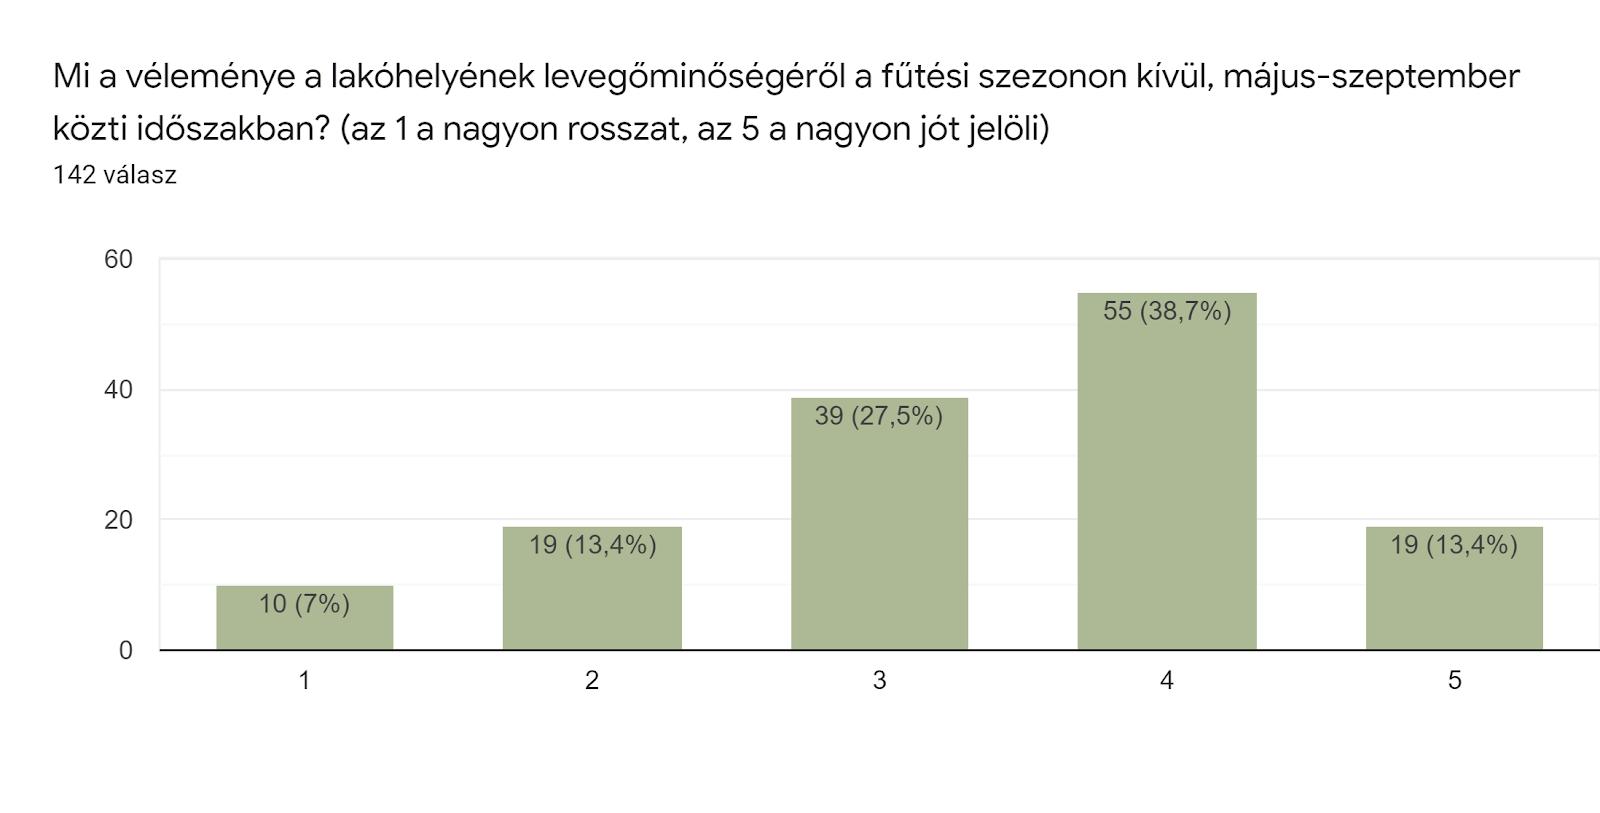 Űrlapok-válaszdiagram. Kérdés címe: Mi a véleménye a lakóhelyének levegőminőségéről a fűtési szezonon kívül, május-szeptember közti időszakban? (az 1 a nagyon rosszat, az 5 a nagyon jót jelöli). Válaszok száma: 142 válasz.